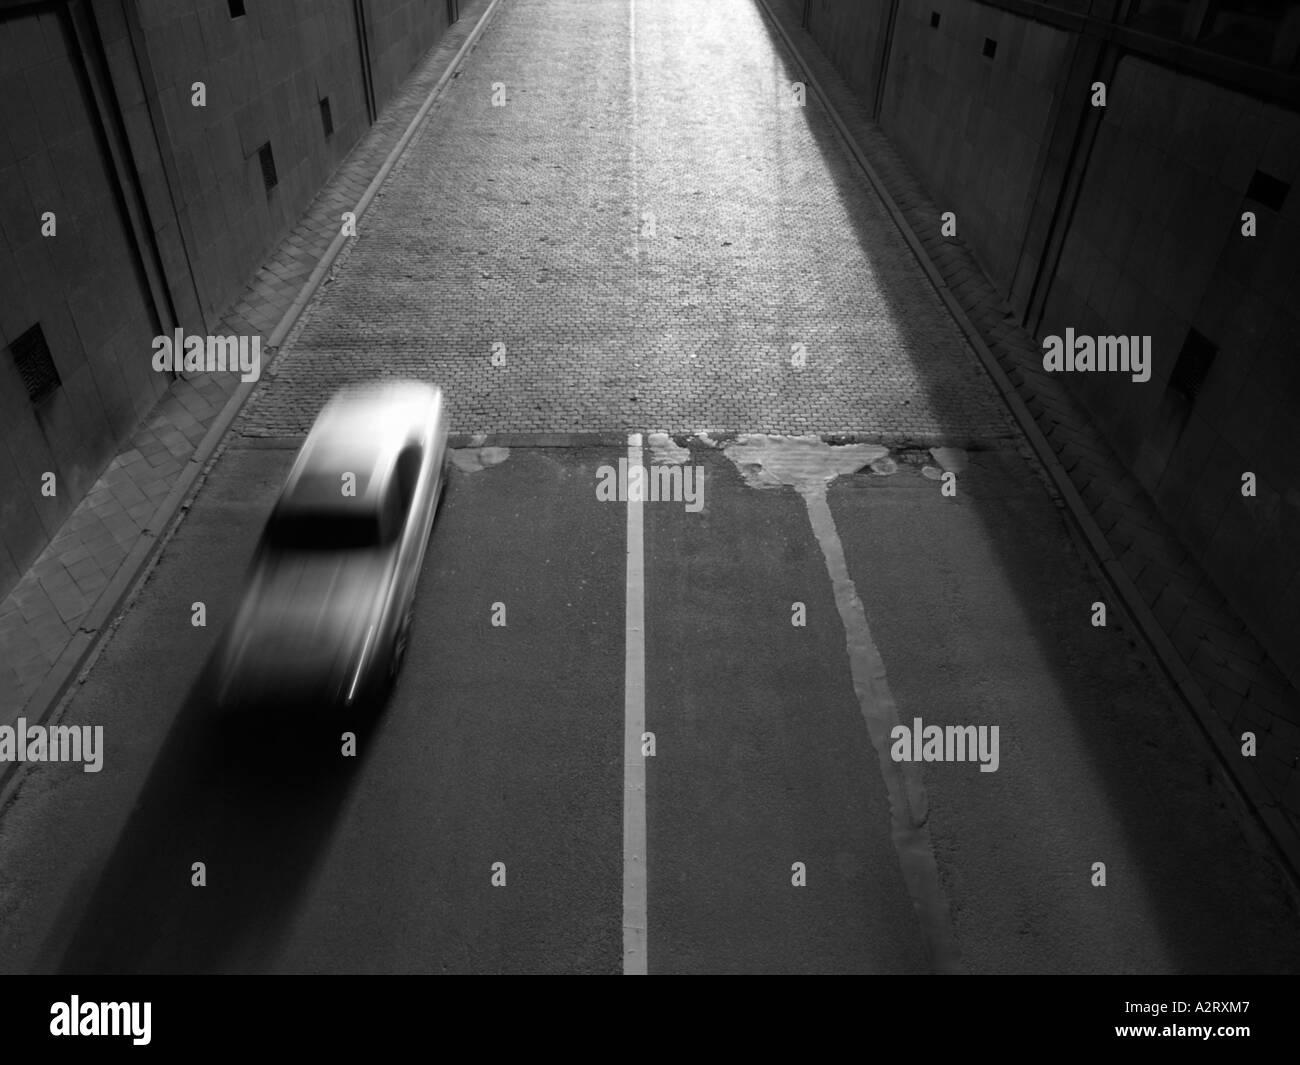 Silberne Auto Mercedes beschleunigt in Tunnel Brüssel Belgien Bewegung verwischen monochrom schwarz / weiß Stockfoto